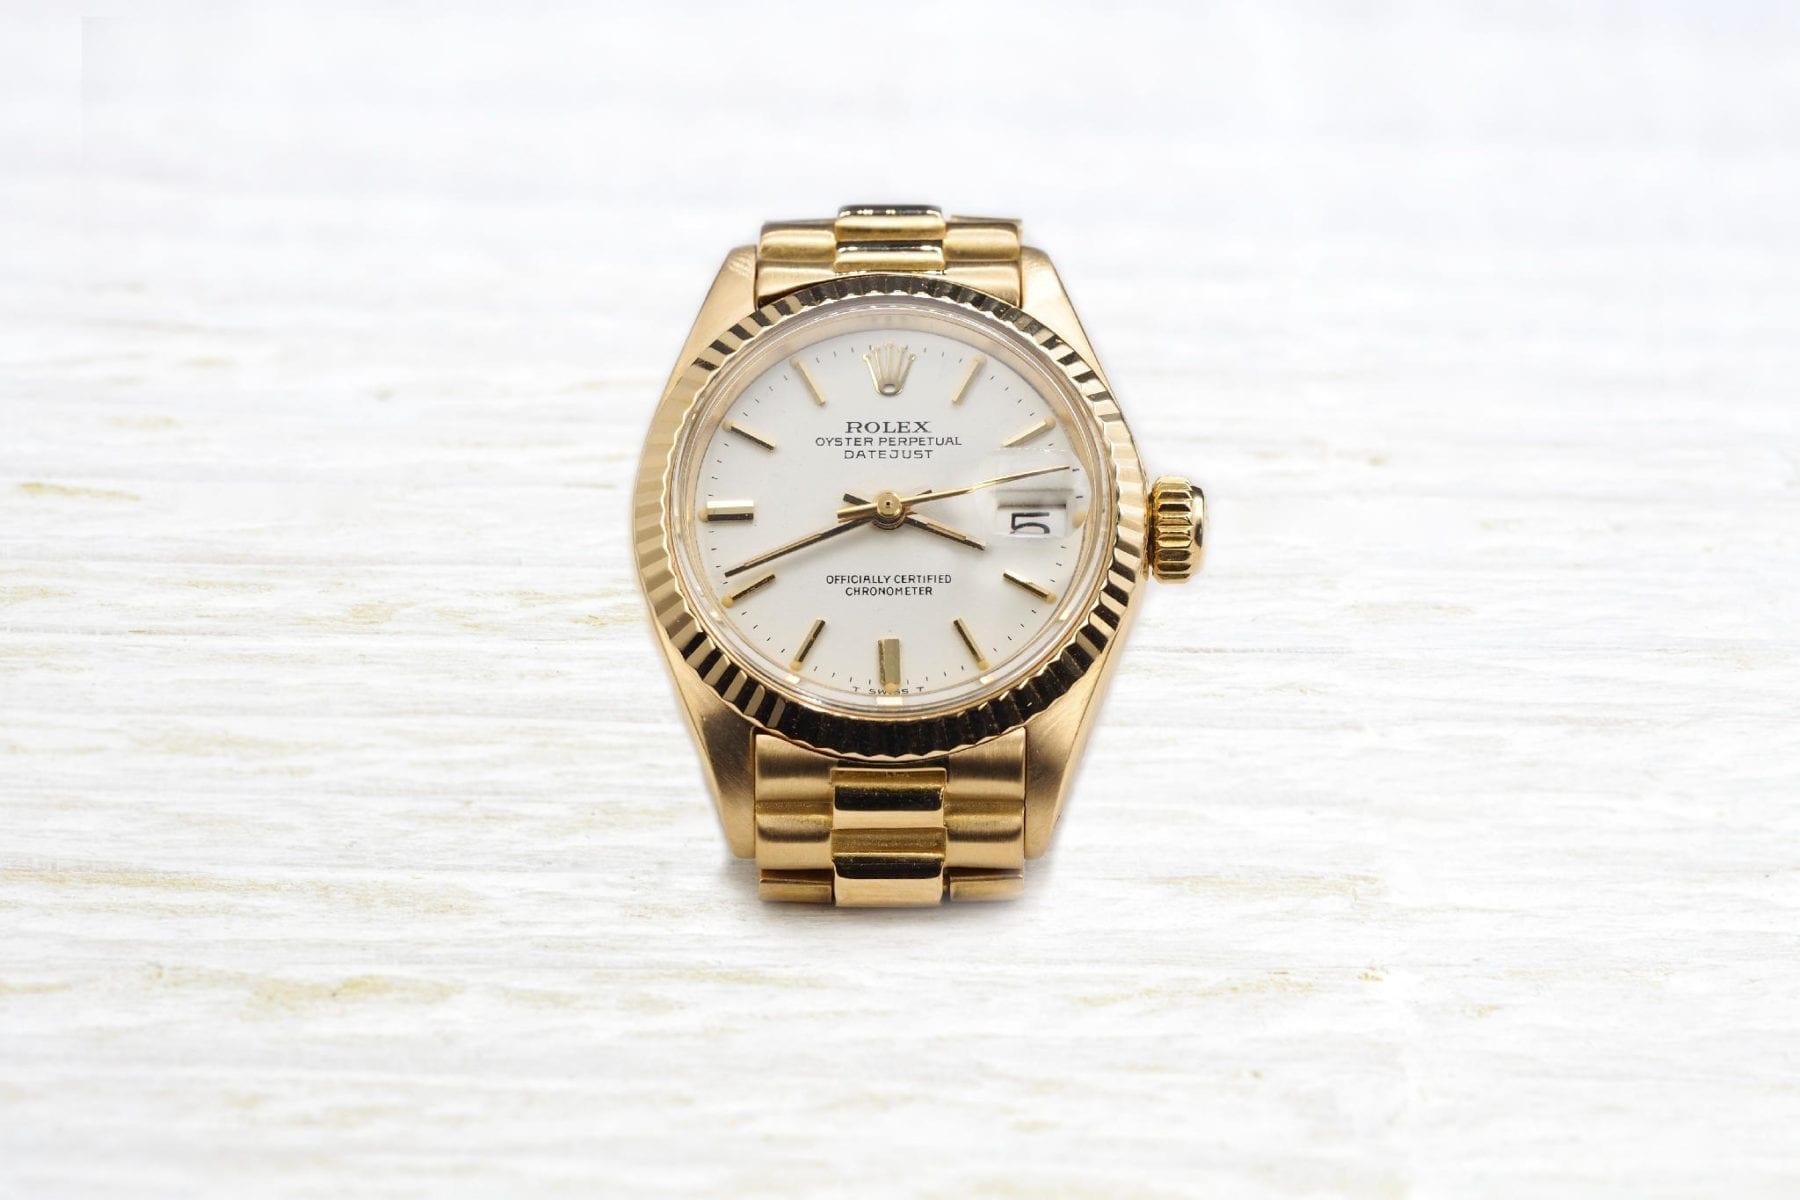 Montre Rolex en or jaune 18k